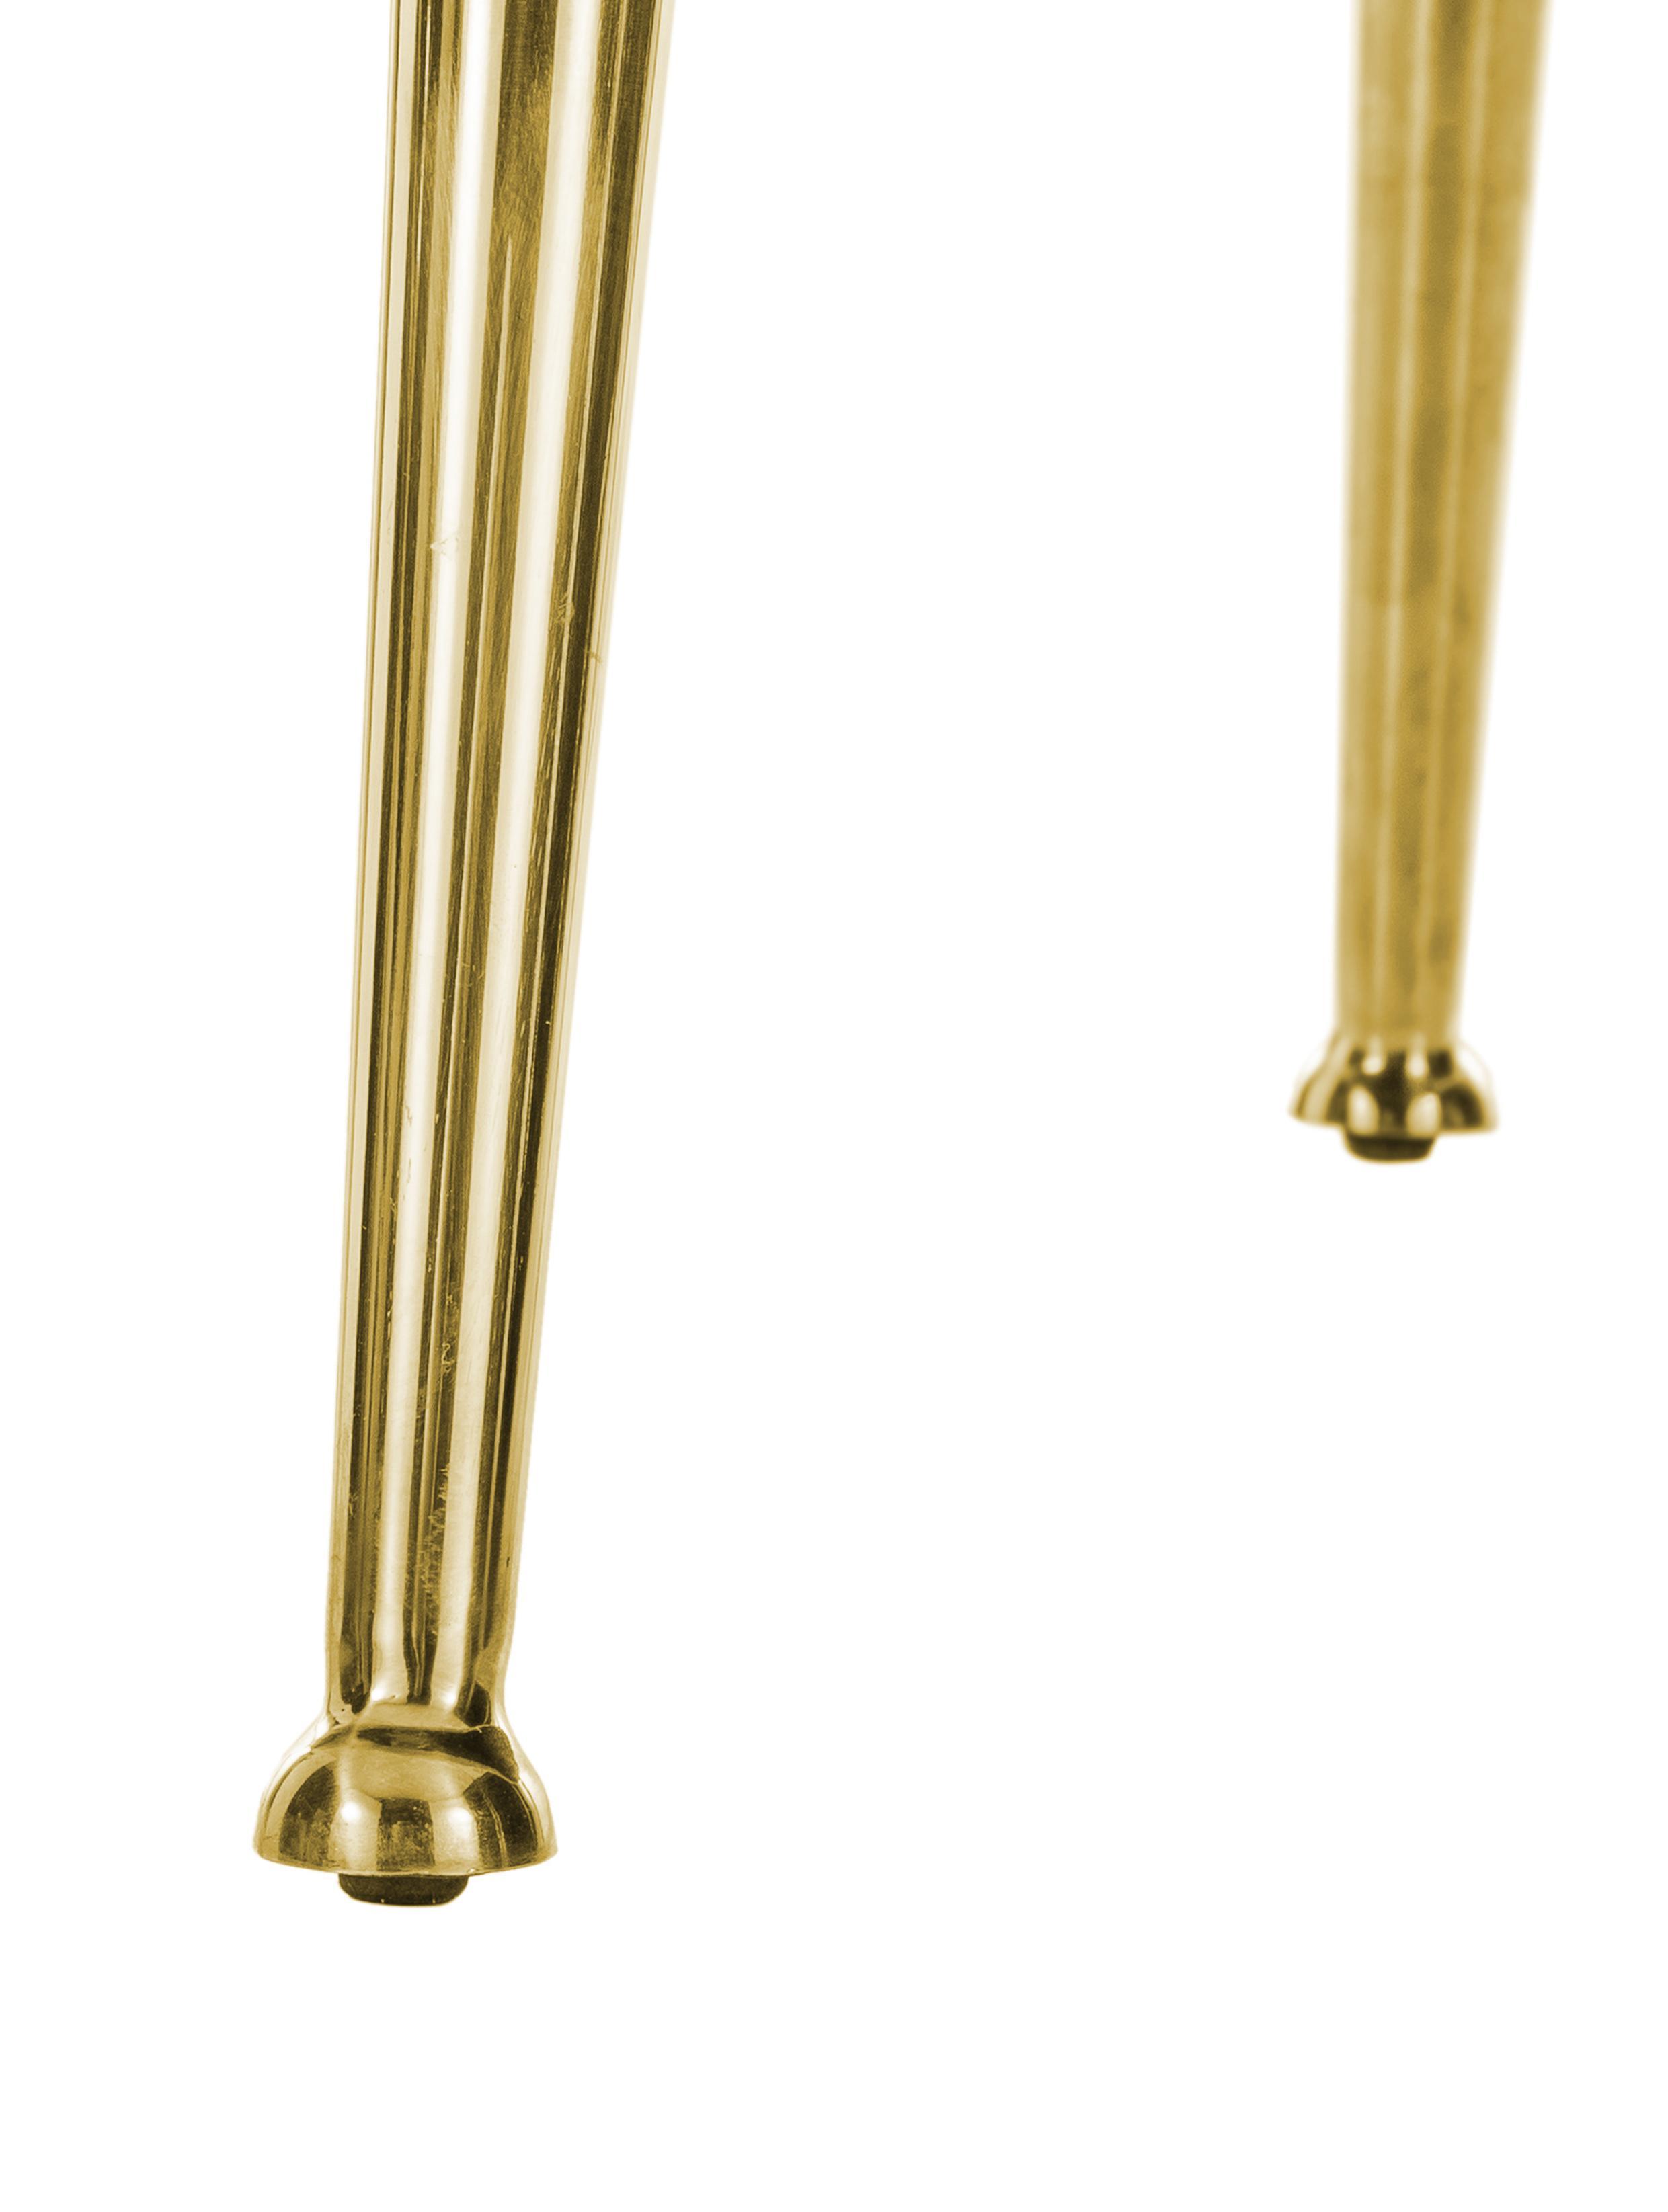 Poltrona in velluto Cara, Rivestimento: velluto (poliestere) 50.0, Struttura: legno di betulla massicci, Piedini: metallo rivestito, Beige, Larg. 81 x Prof. 78 cm